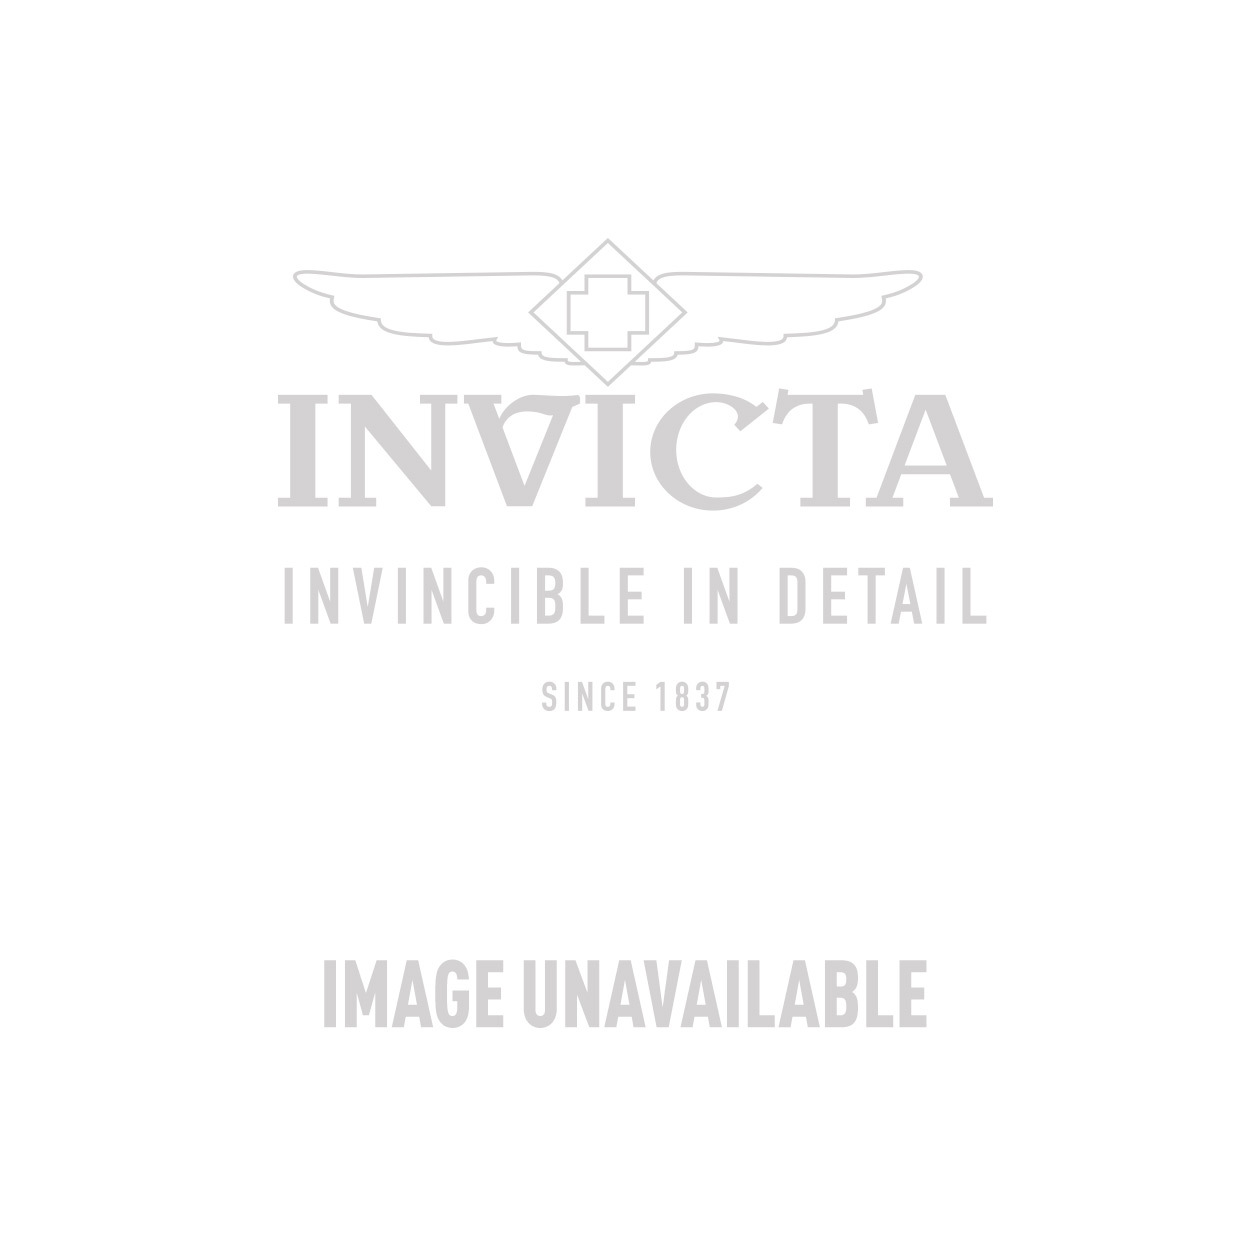 Invicta Model 25117